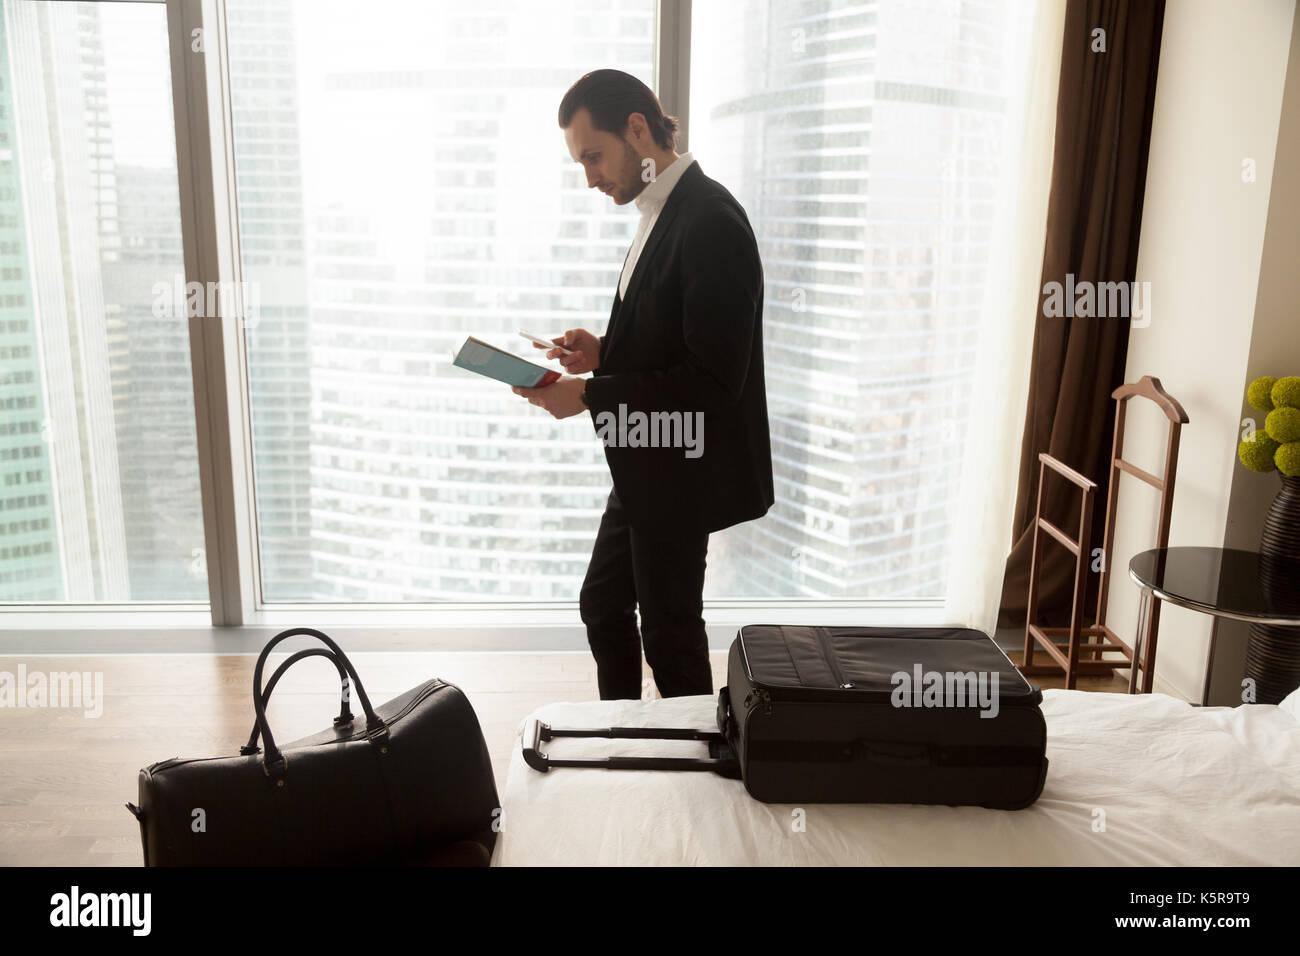 Guide de l'homme détient et demande de brochure taxi ou service en chambre. Photo Stock